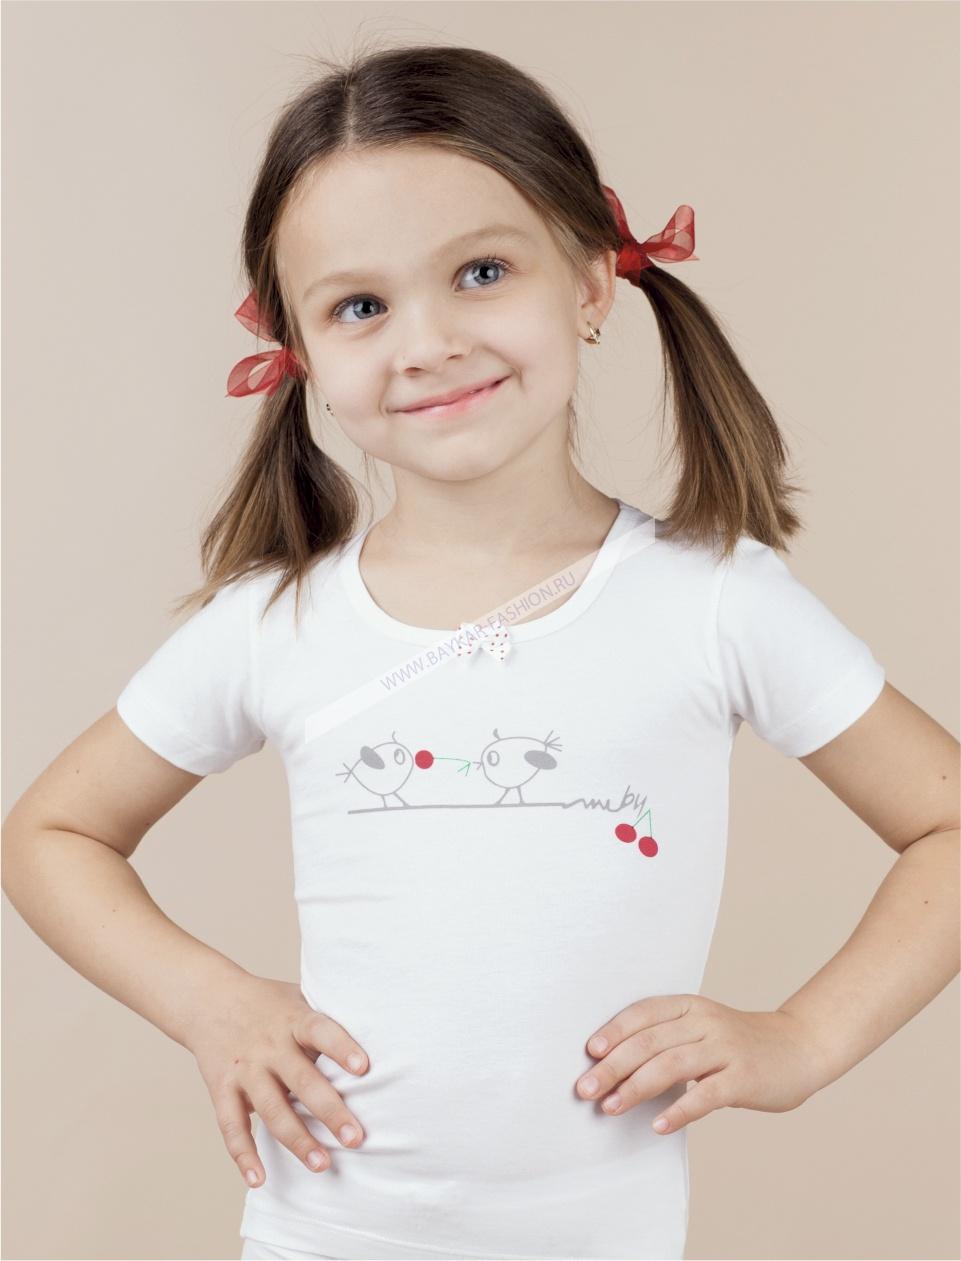 Сбор заказов. Детское белье Baykar. Майки, трусы, бюстье, футболки, пижамы, колготки, носки. Большой ассортимент